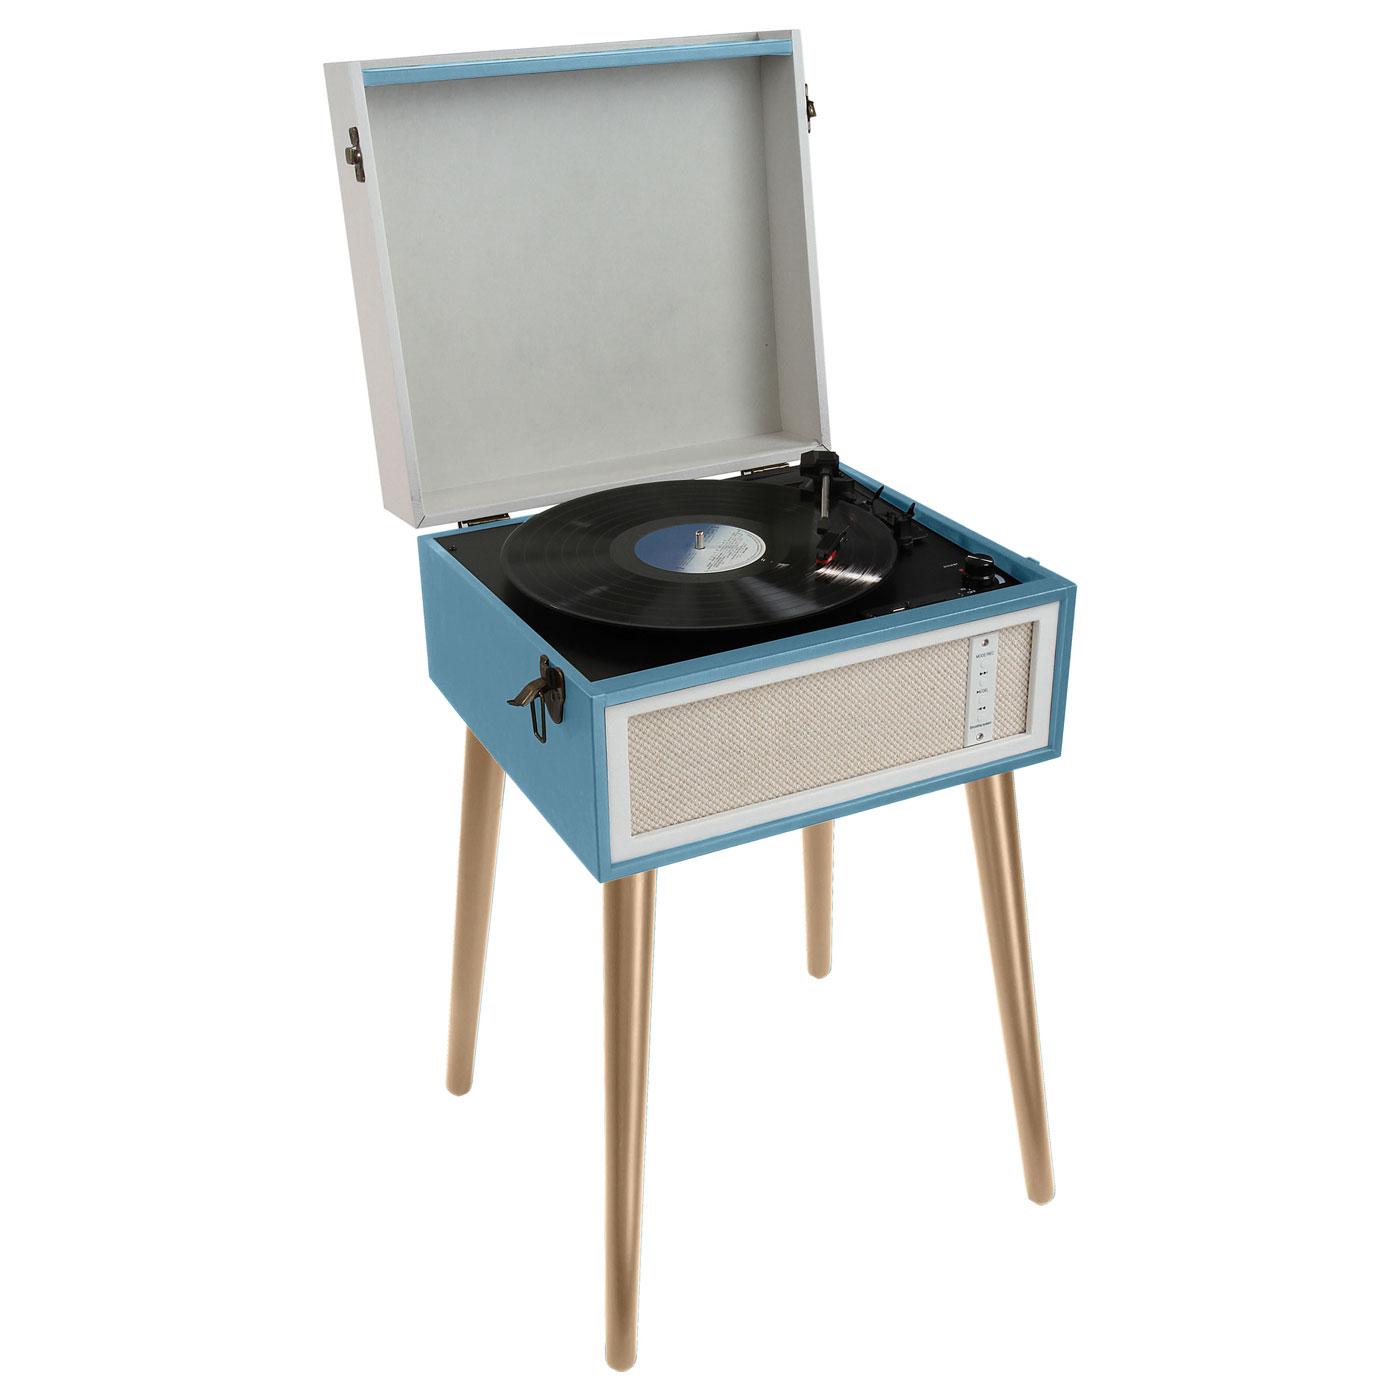 Platine vinyle ClipSonic TES190 Bleu Tourne-disque sur pieds avec Bluetooth AUX et encodage intégré